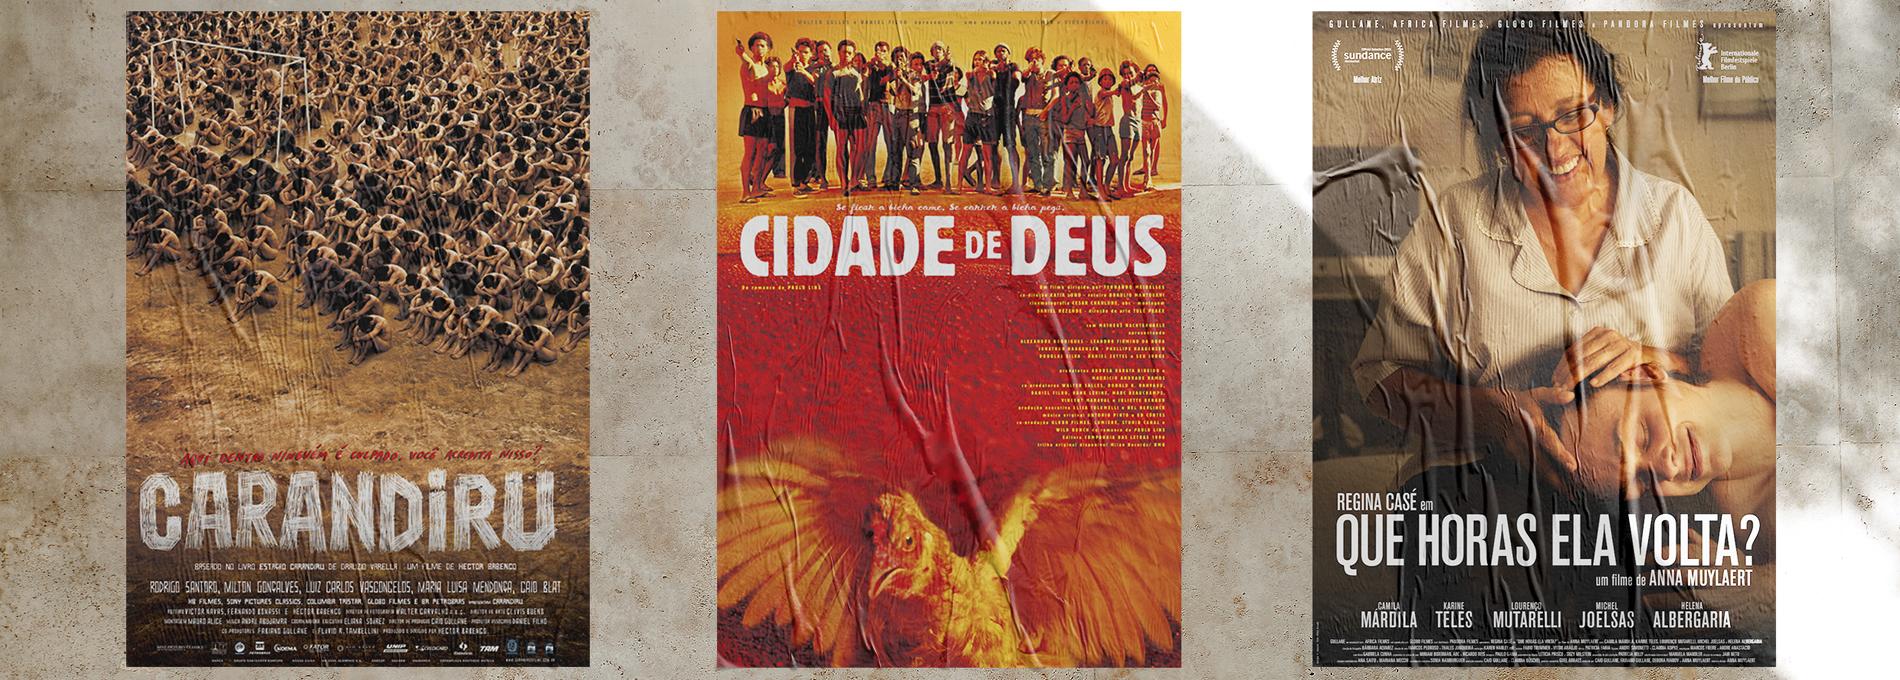 Marcelo Pallotta, o designer dos cartazes de filmes como Cidade de Deus,  Carandiru e Que Horas Ela Volta